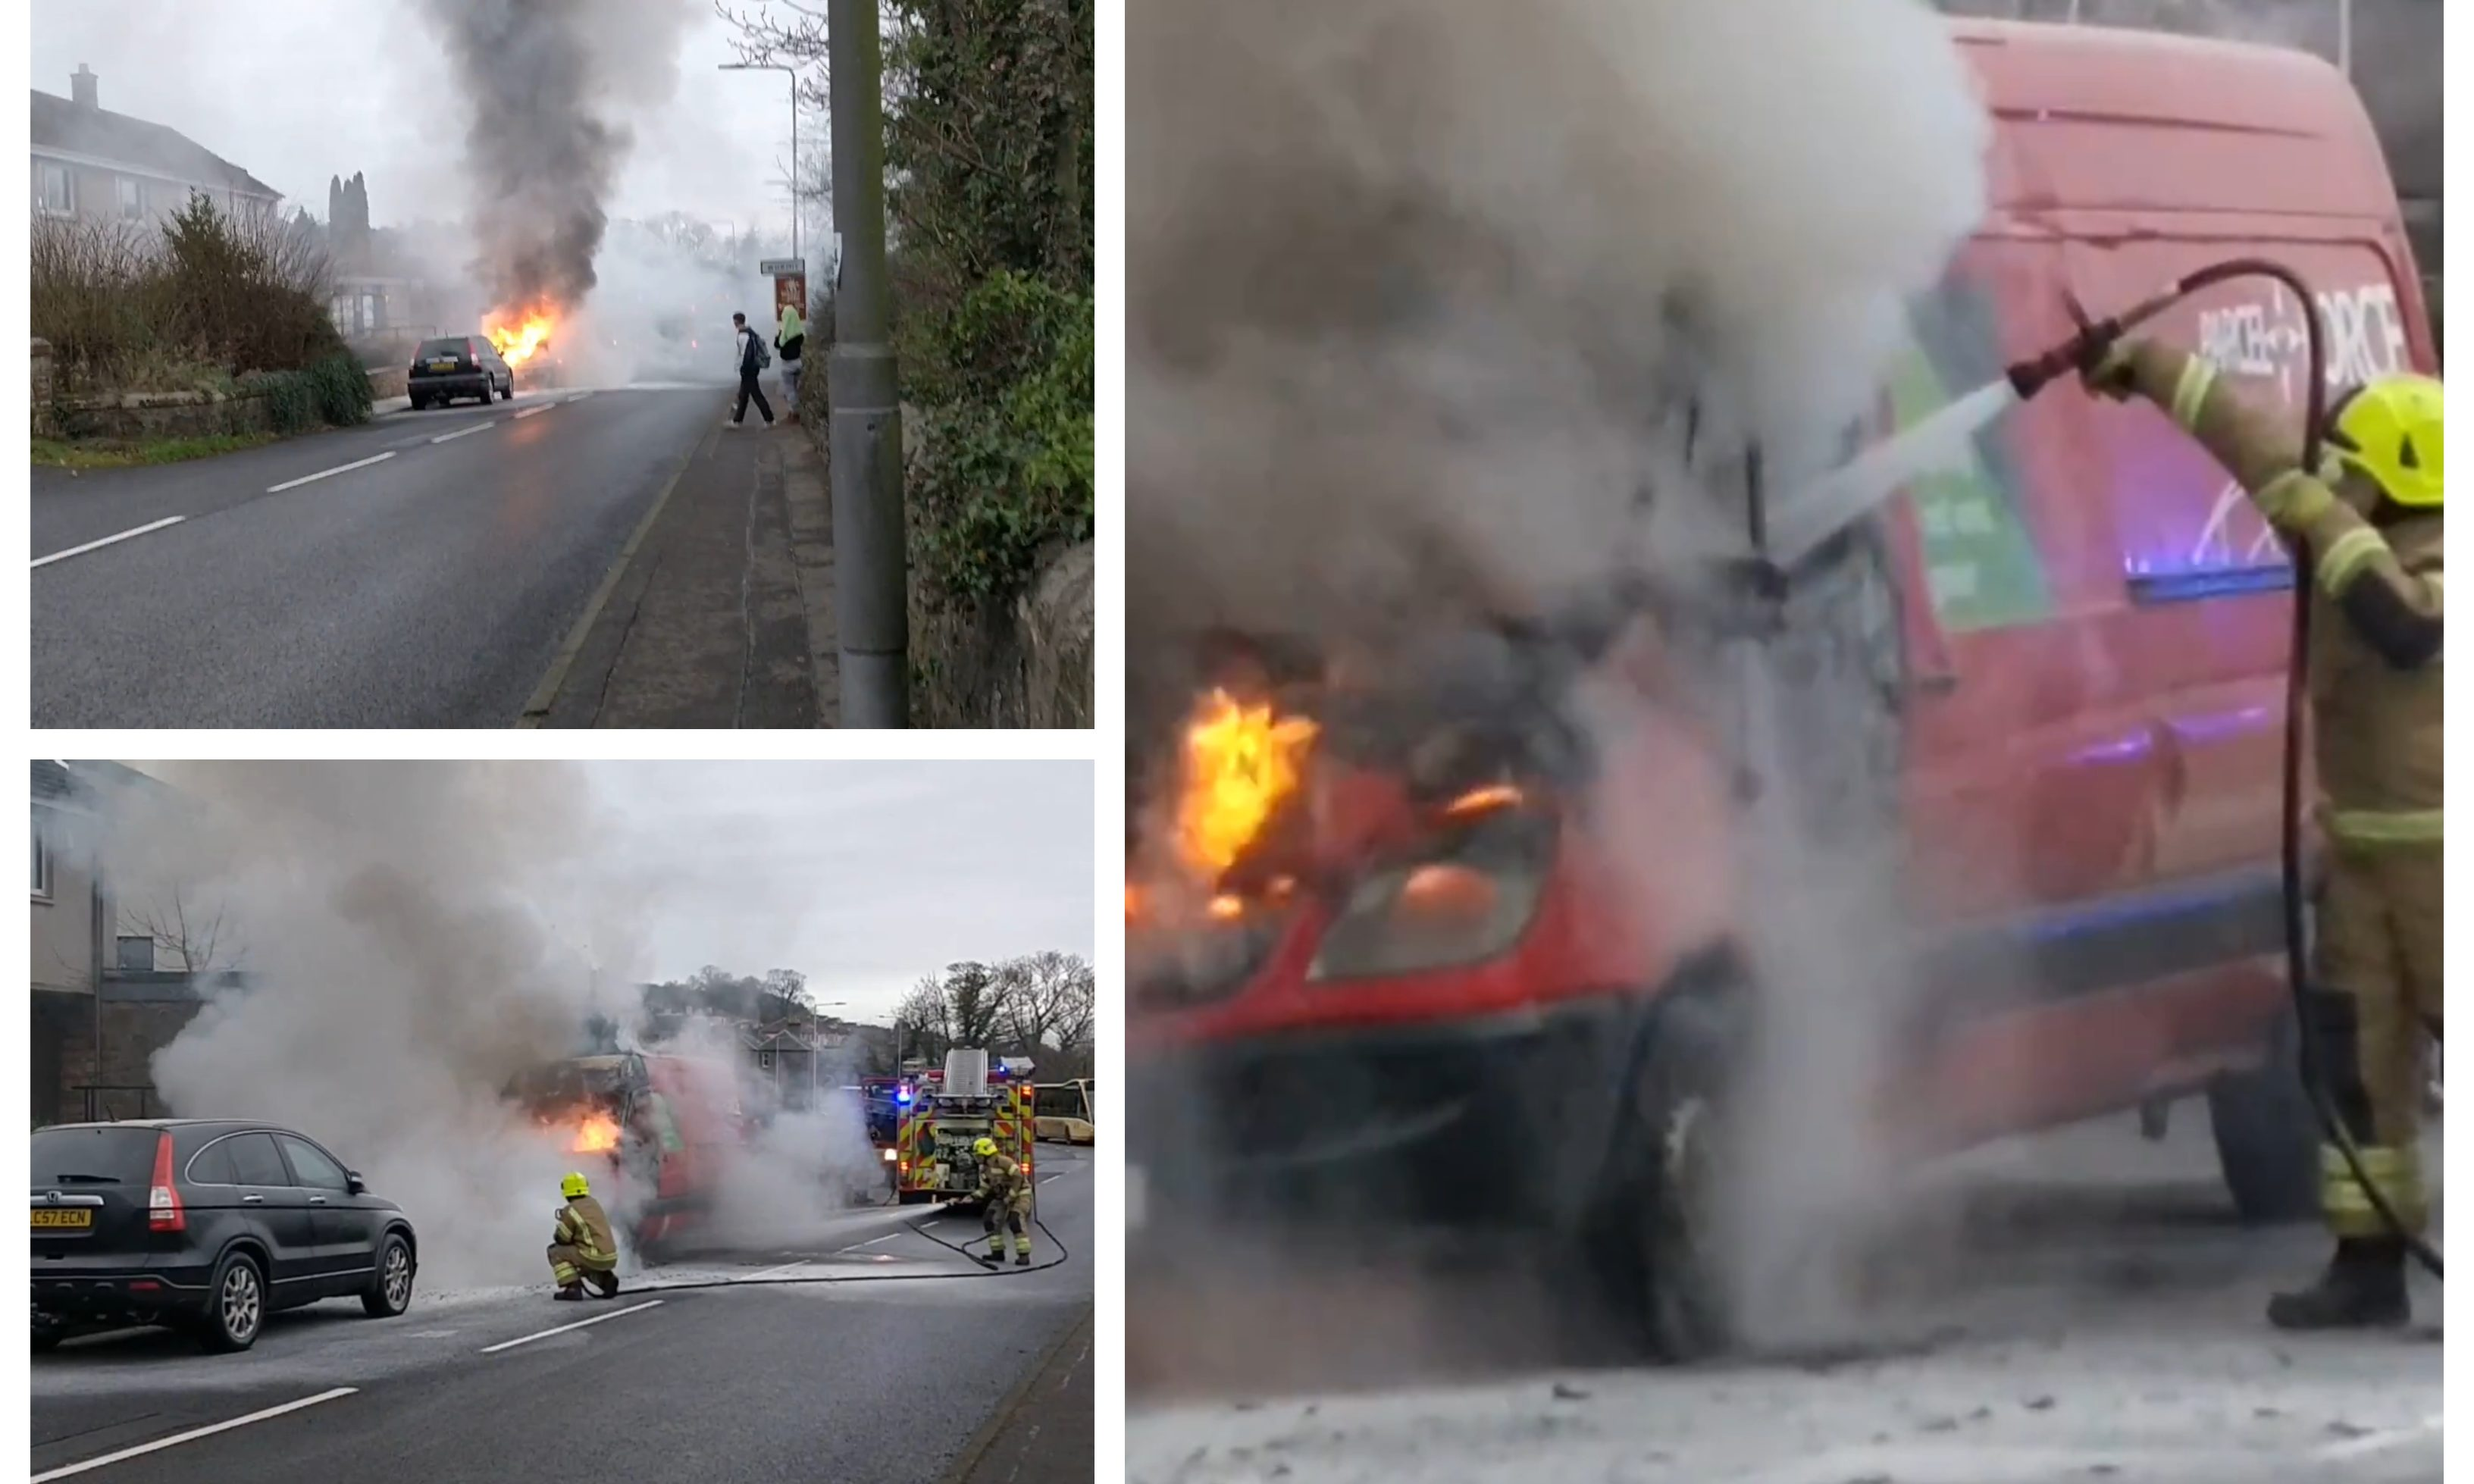 The van fire in Wormit.